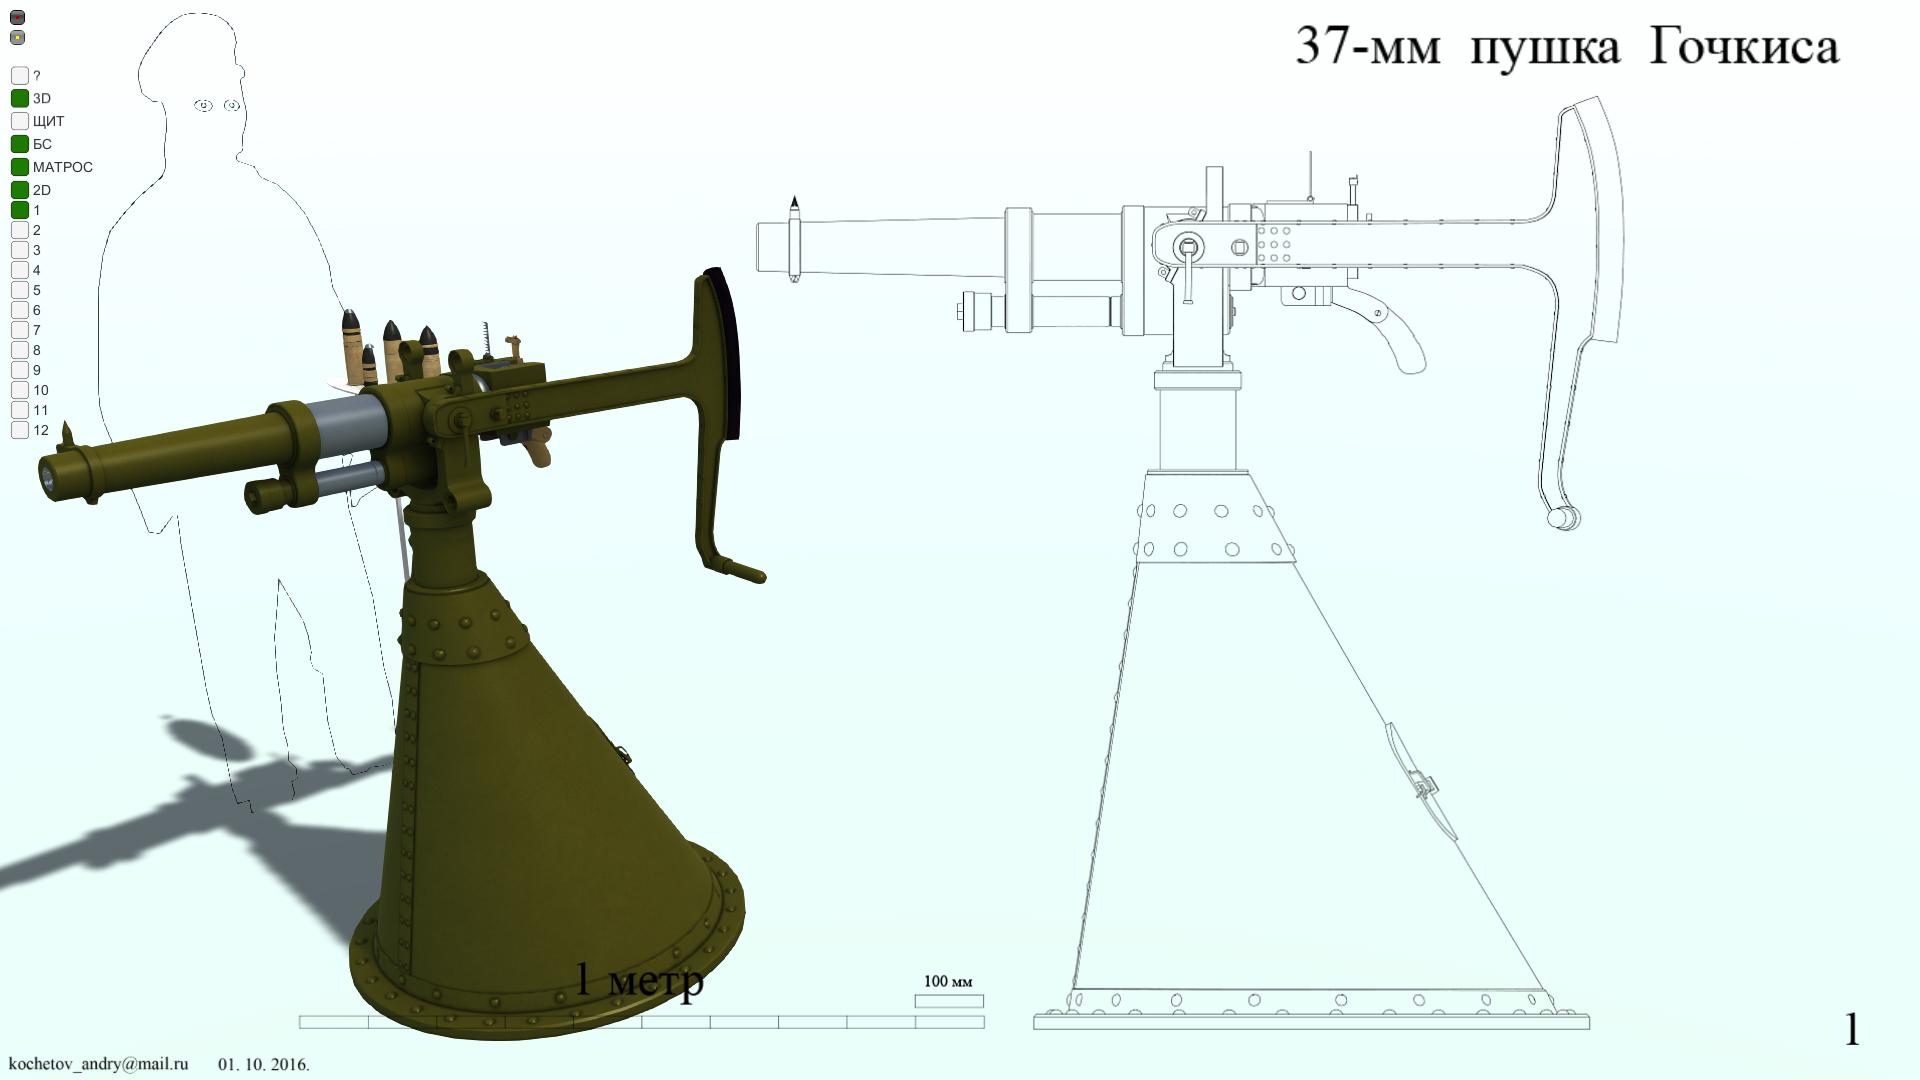 37мм пушка Гочкиса.jpg